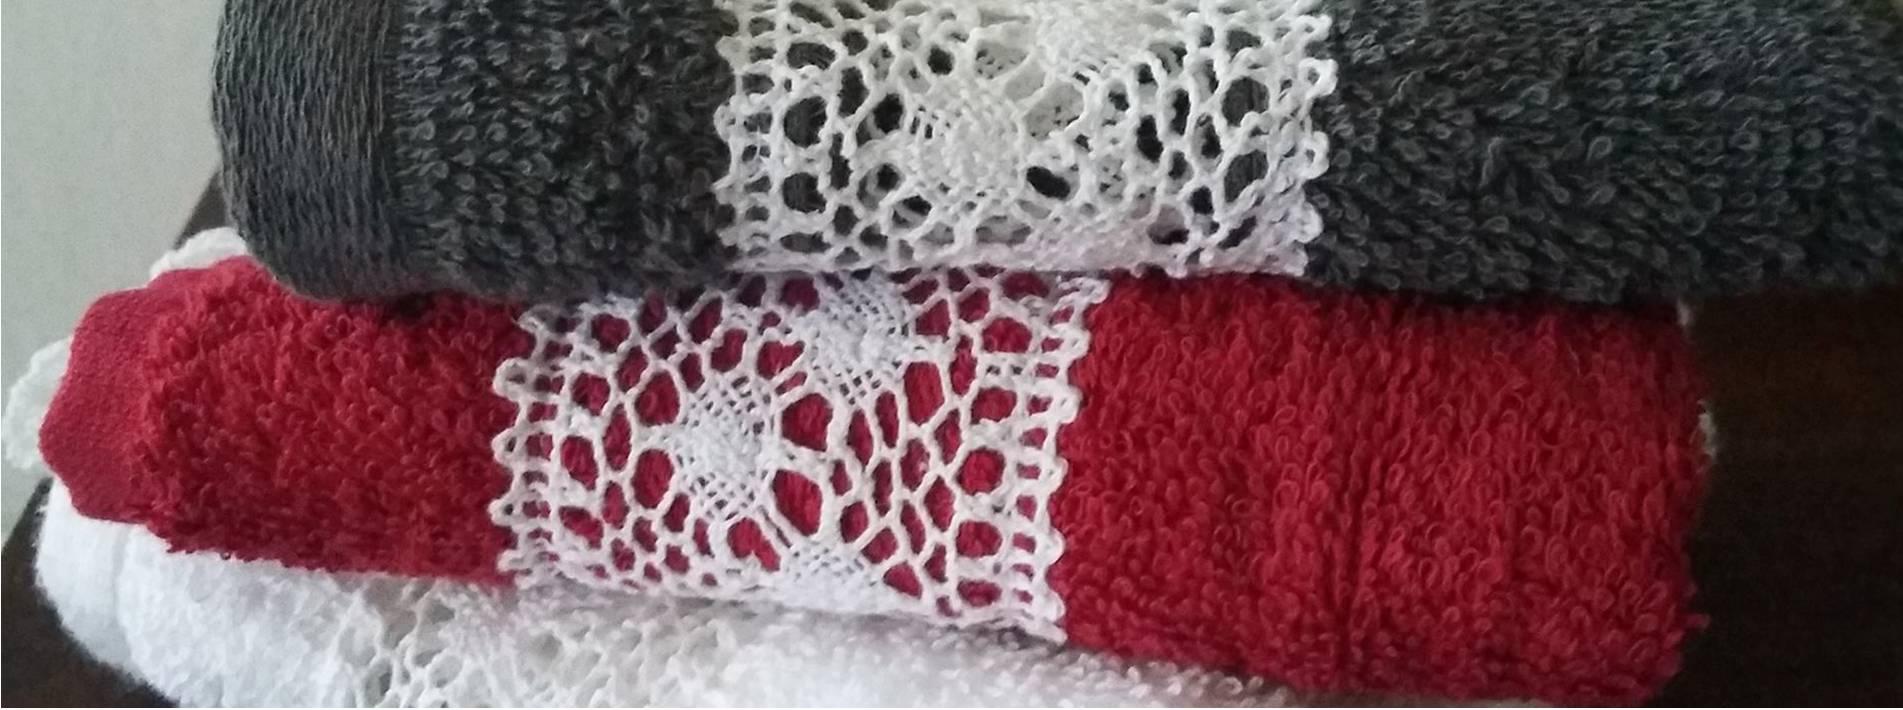 Handdoeken Landelijk en Brocante Atelier de Knopendoos